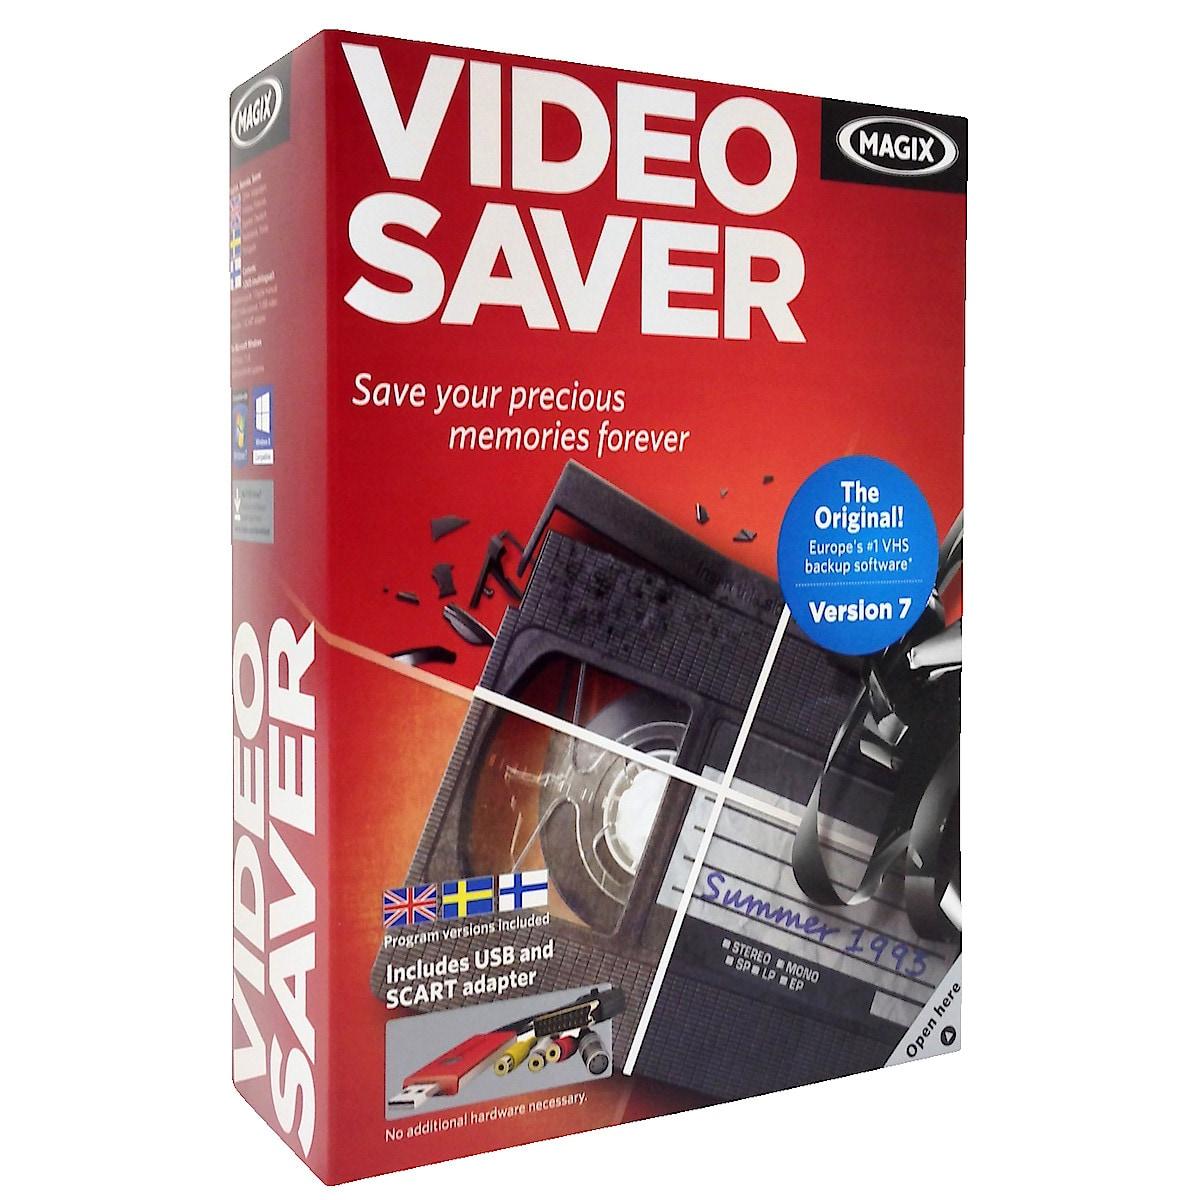 Magix Video Saver 7